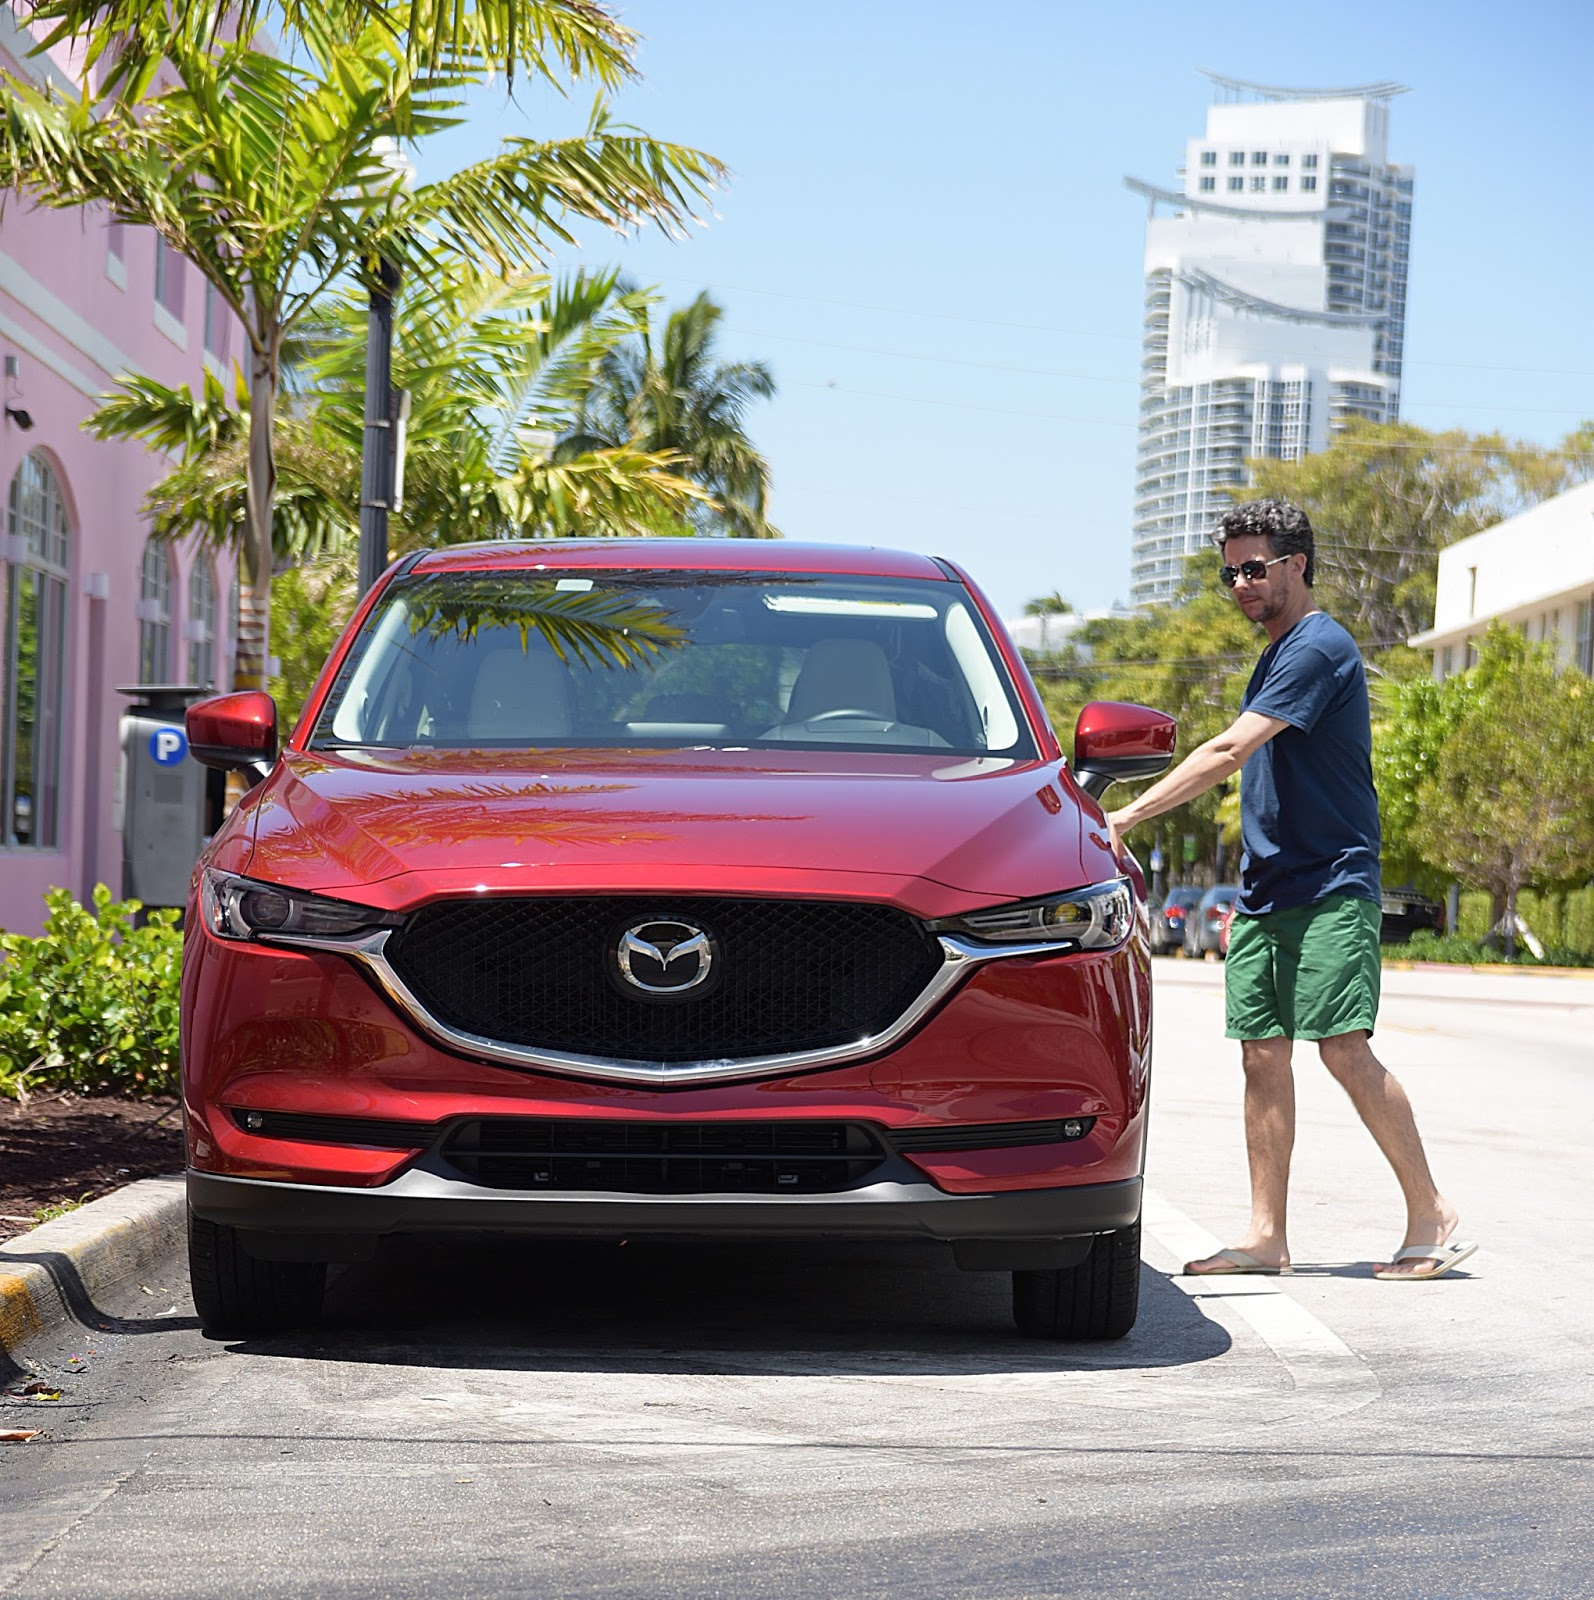 Recorriendo Miami con Mazda-MariEstilo-Los Chuchis-mariestilotravels-travelblogger-miami-mazda-bloggerstyle-